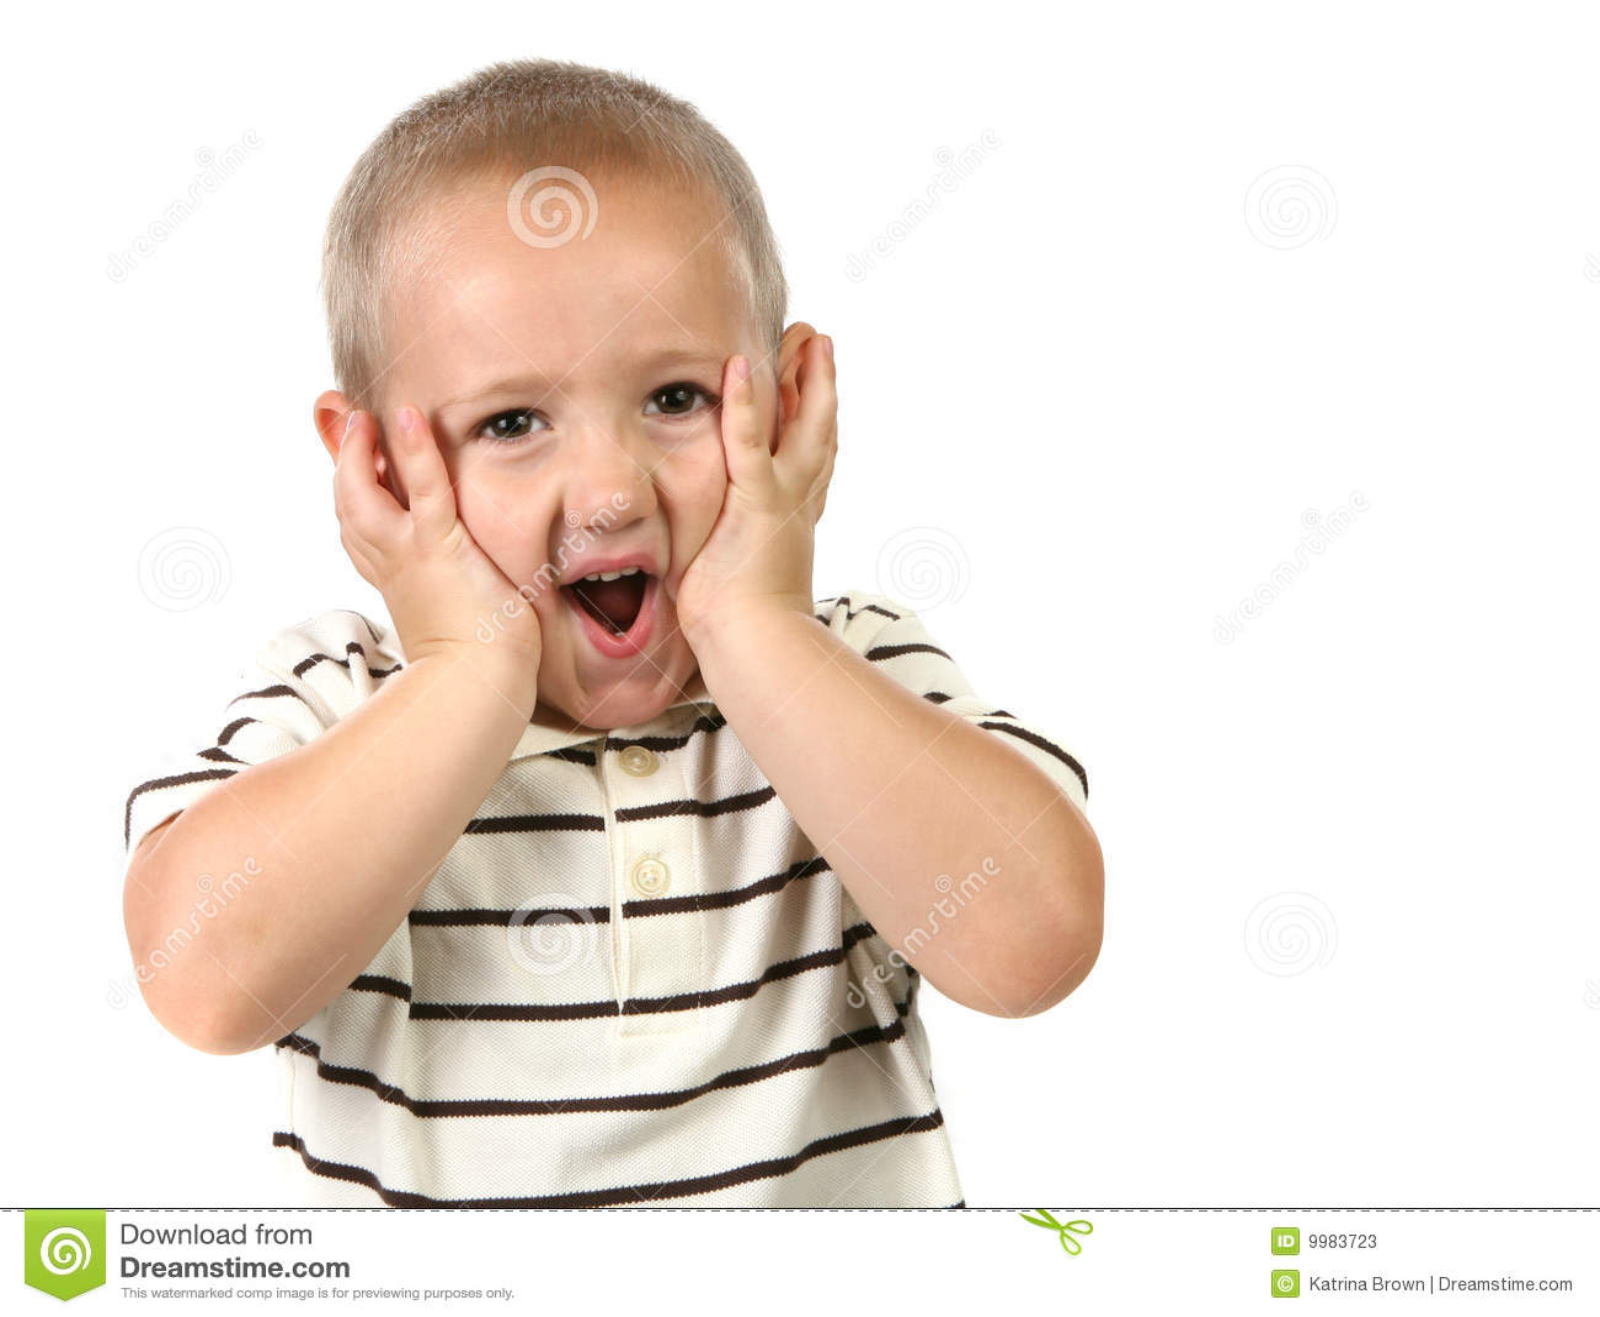 Entsetztes und überraschtes junges Kind